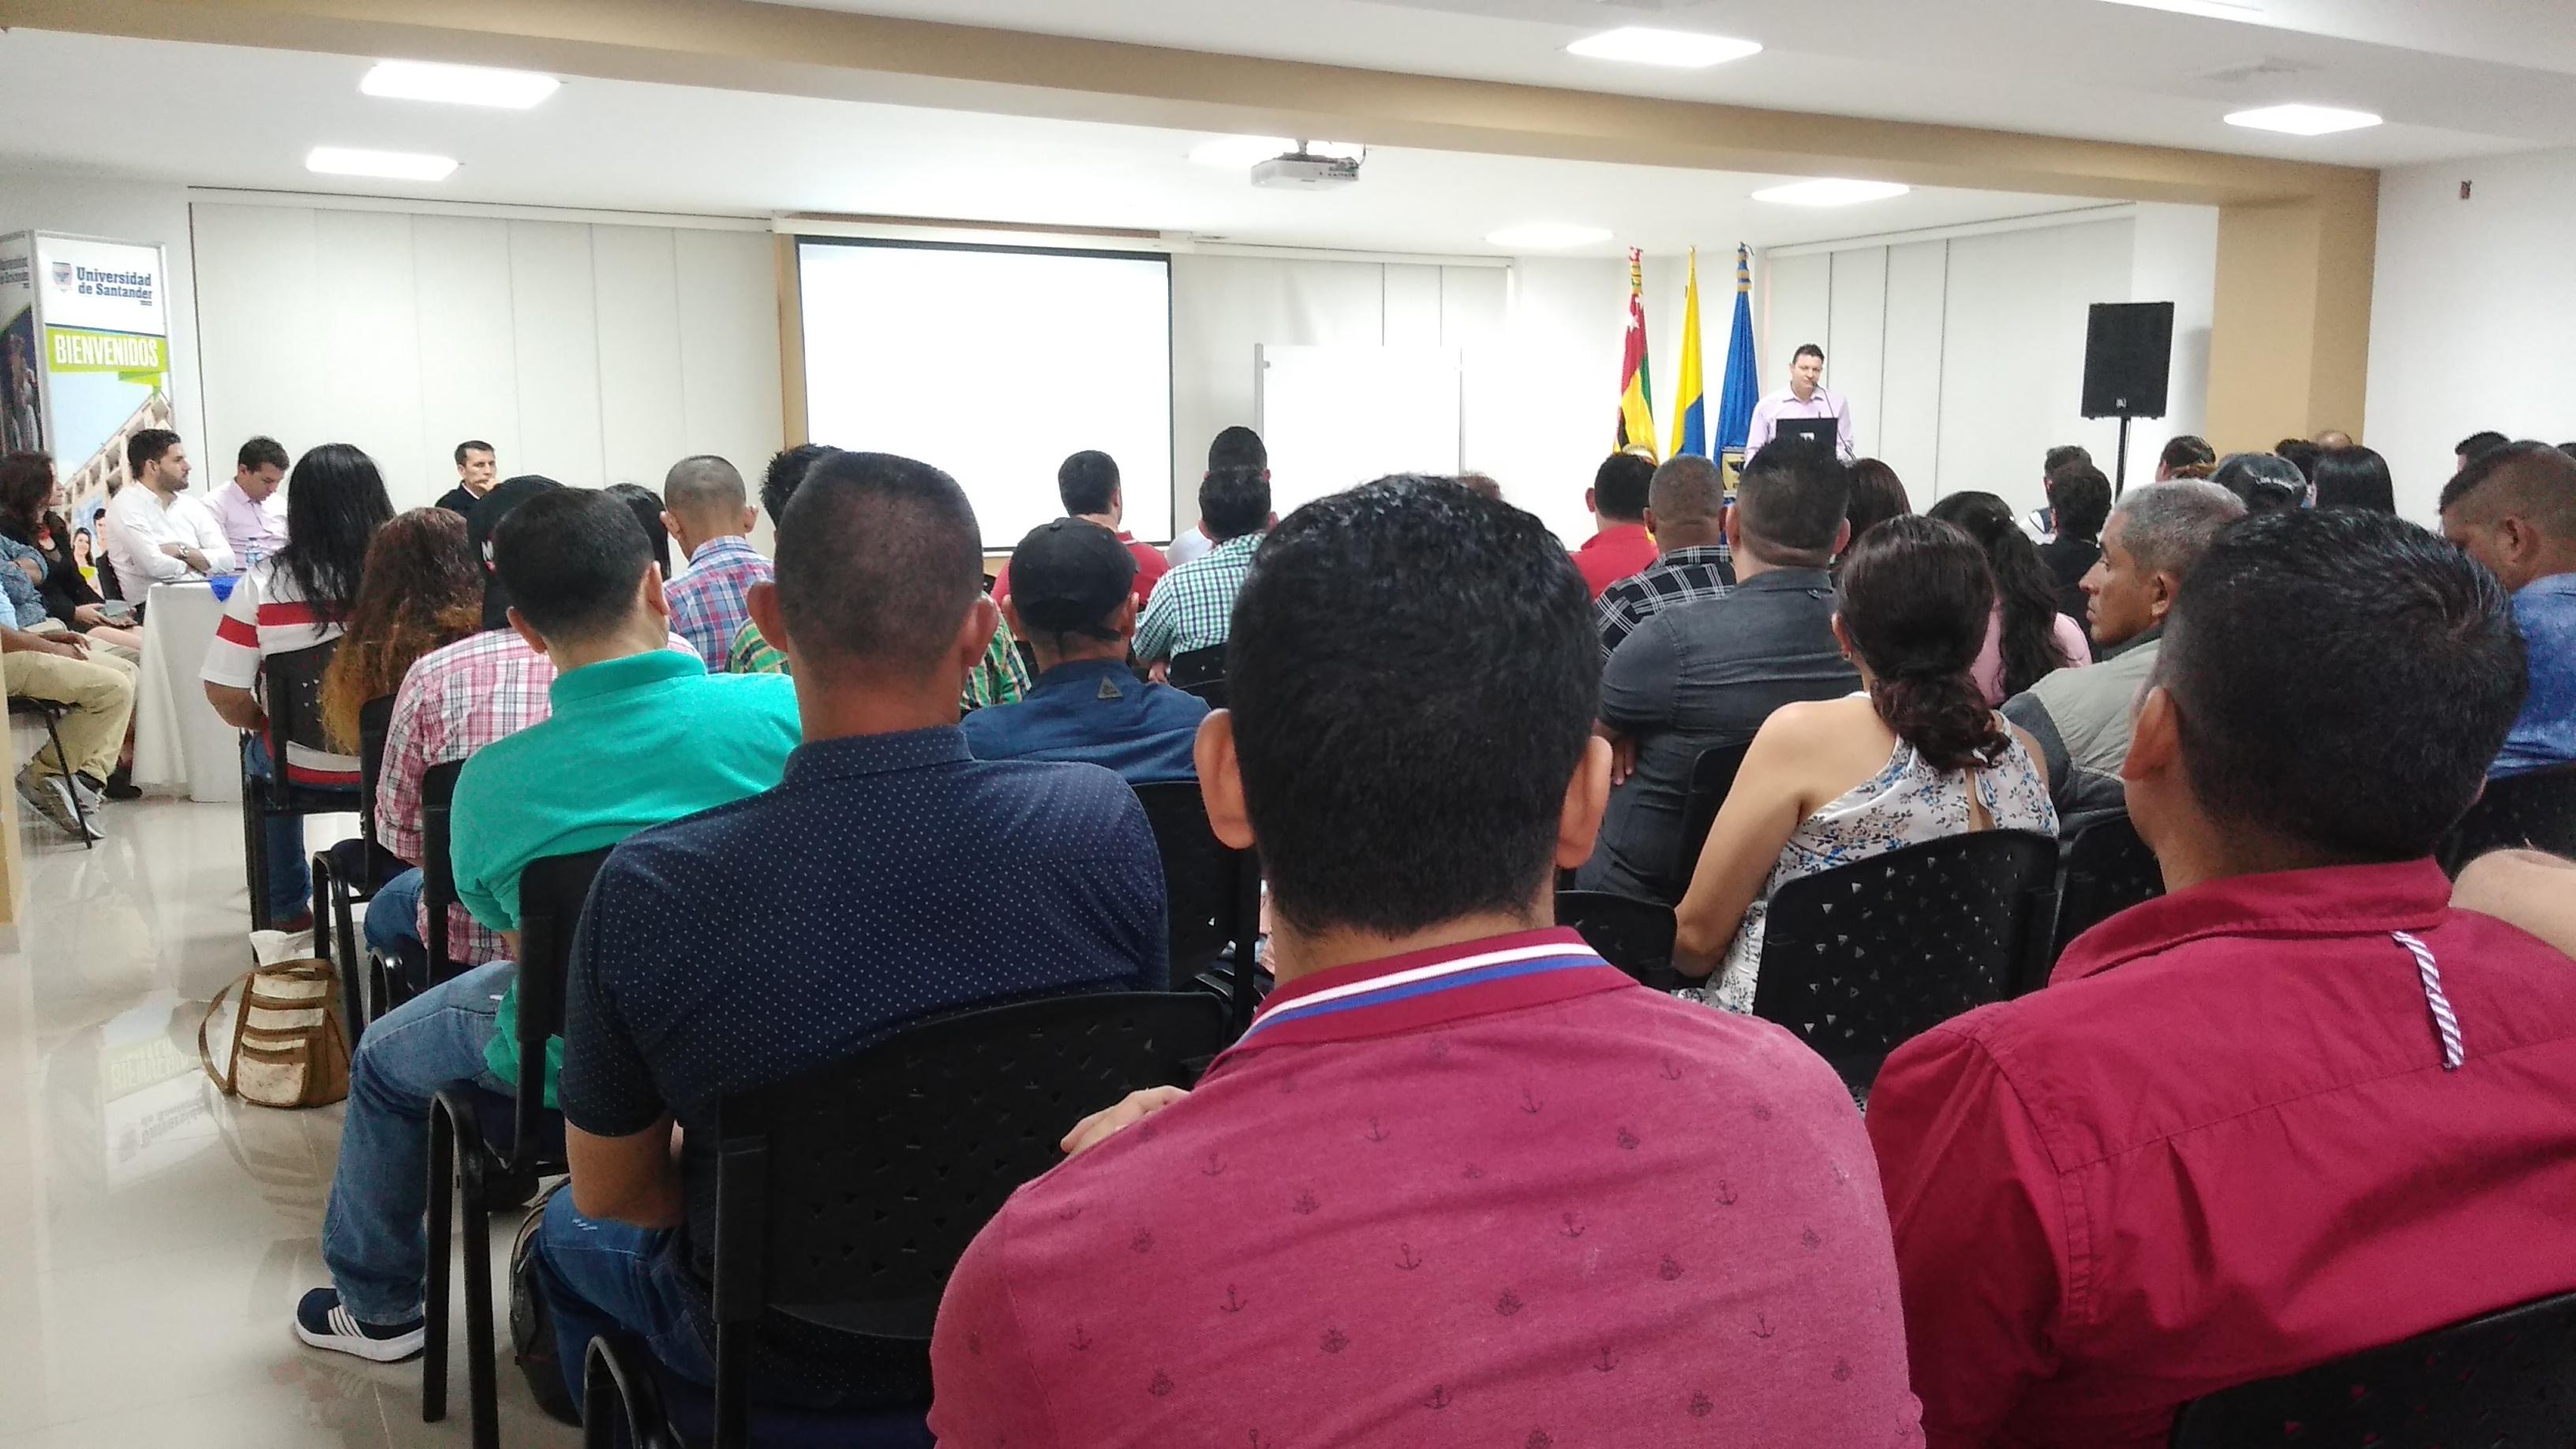 Exintegrantes de Farc-Ep y Auc, unidos por la educación. Celebración de final de curso en Santander | EL FRENTE